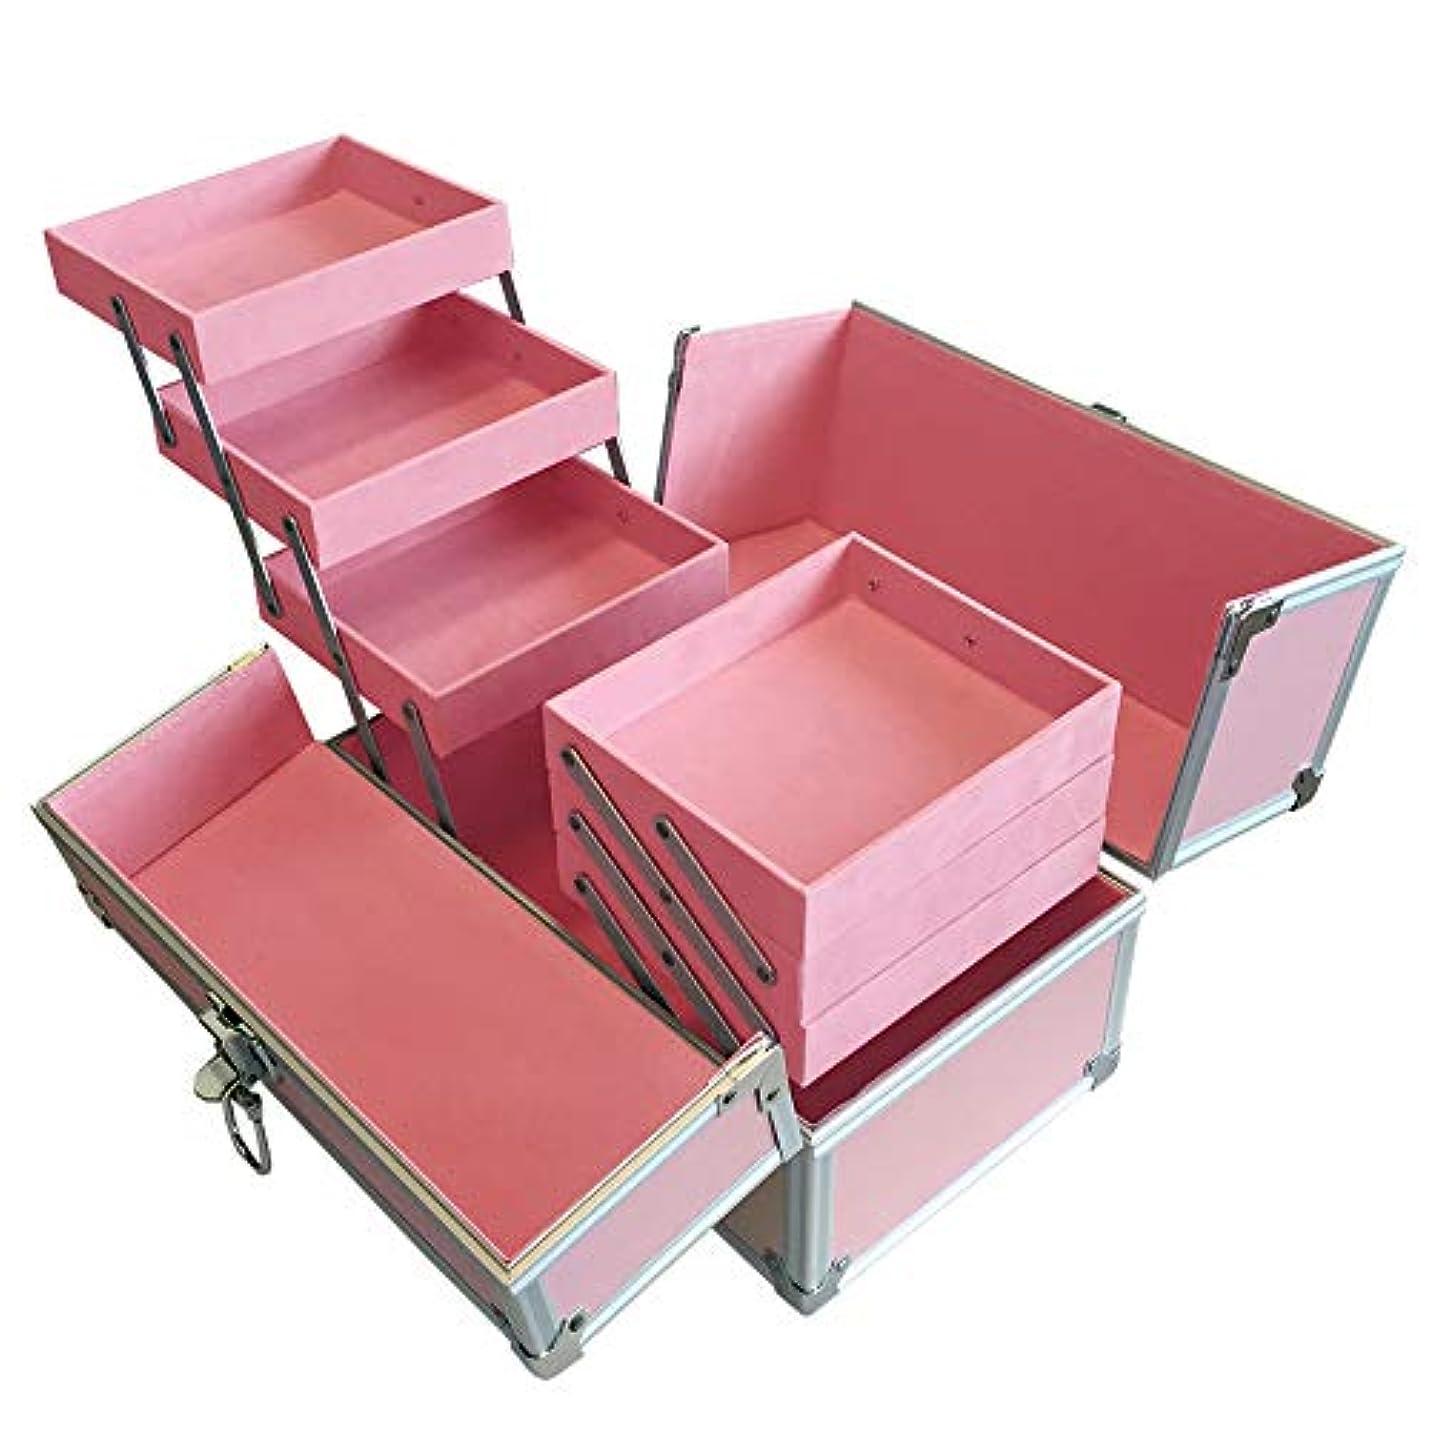 グレークローン話をするリライアブル コスメボックス RB003-PP 鍵付き プロ仕様 メイクボックス 大容量 化粧品収納 小物入れ 6段トレー ベロア メイクケース コスメBOX 持ち運び ネイルケース